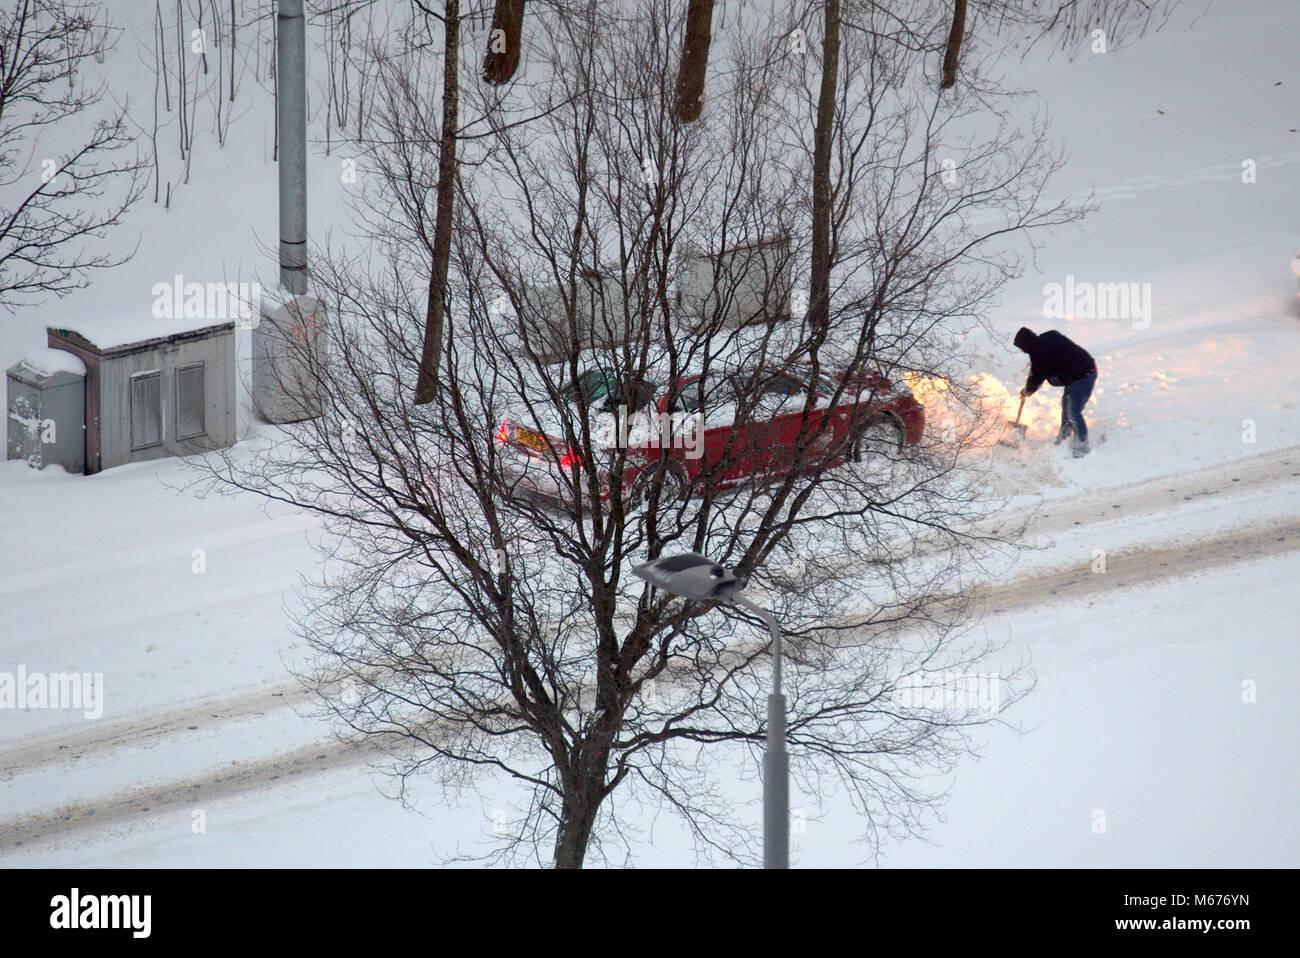 pushing car in snow stock photos  u0026 pushing car in snow